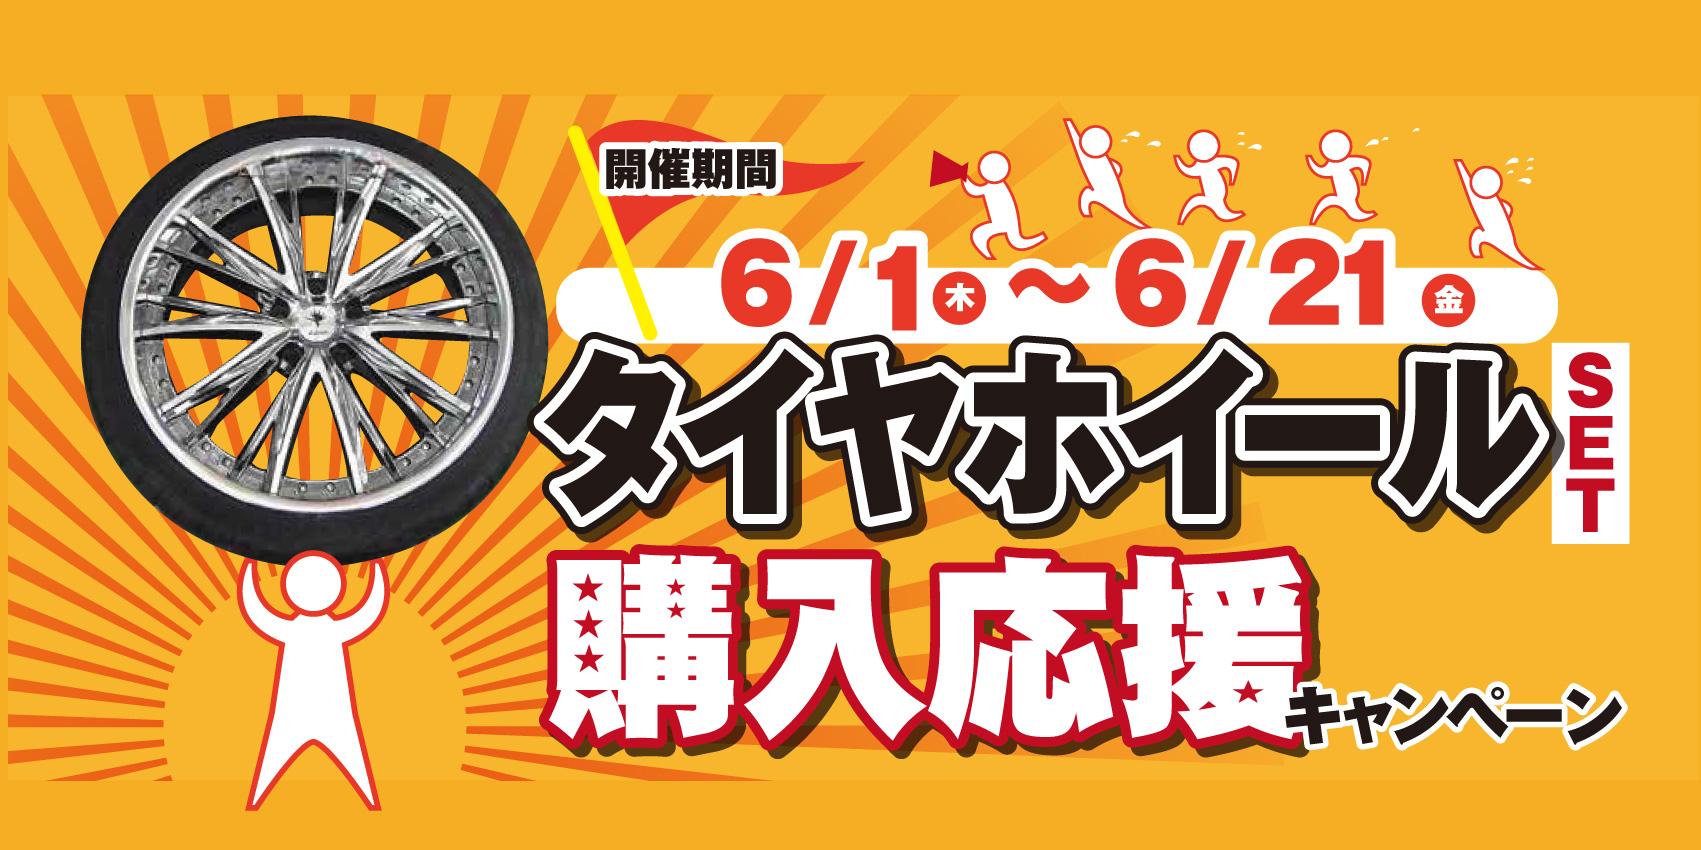 【対象店舖限定】タイヤホイールセット購入応援キャンペーン!